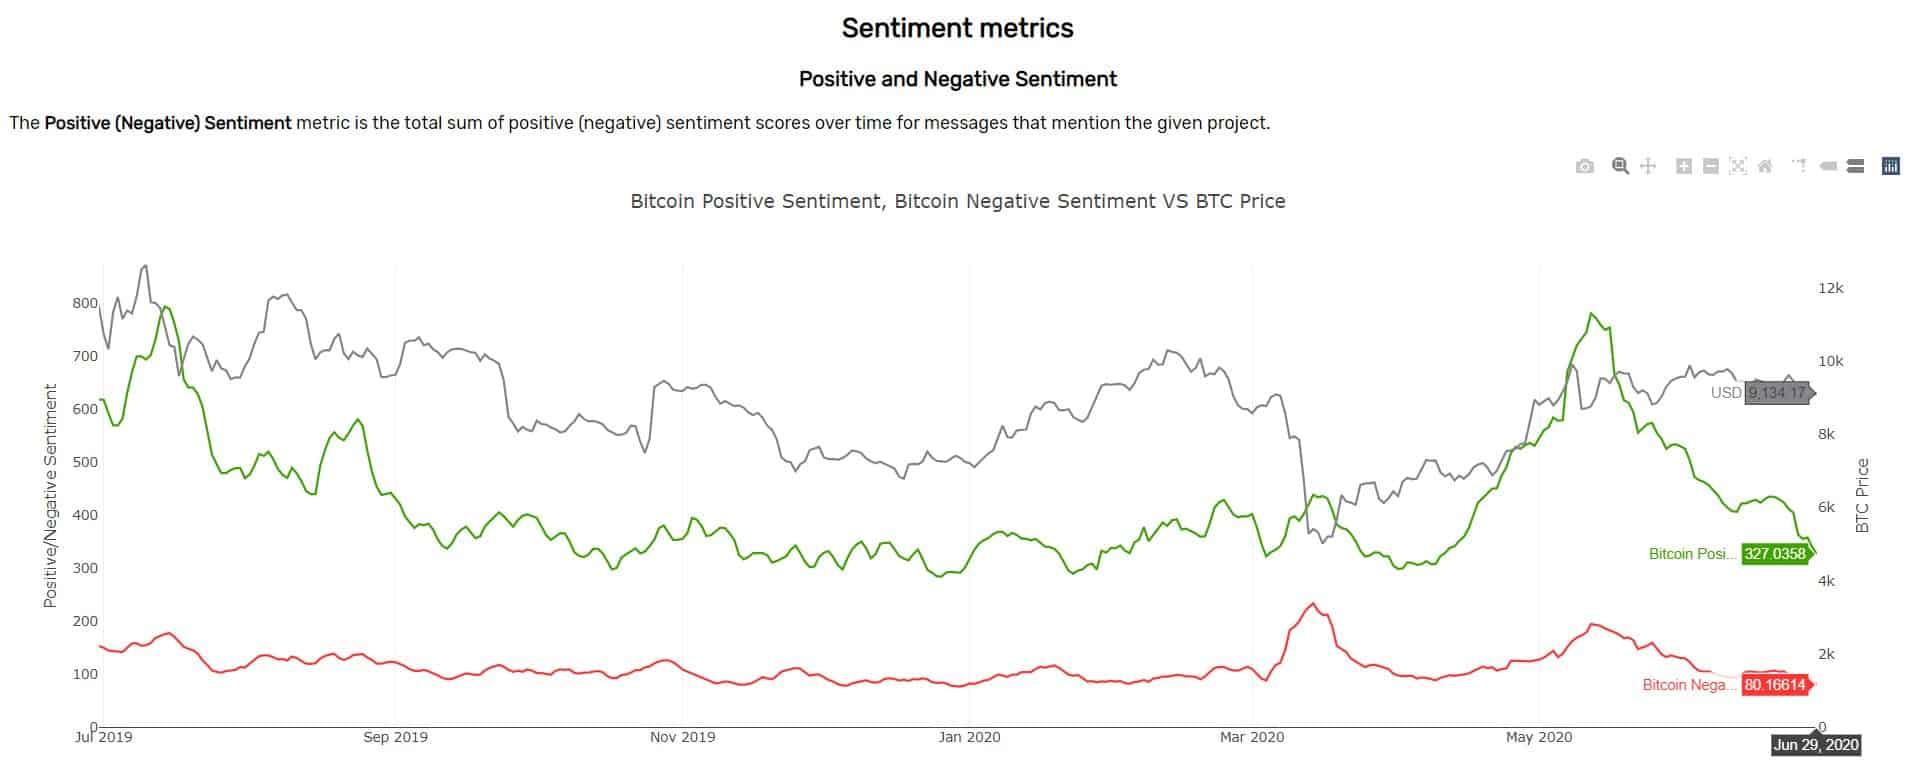 Positive Vs Negative Bitcoin Mentions Twitter. Source: Santiment